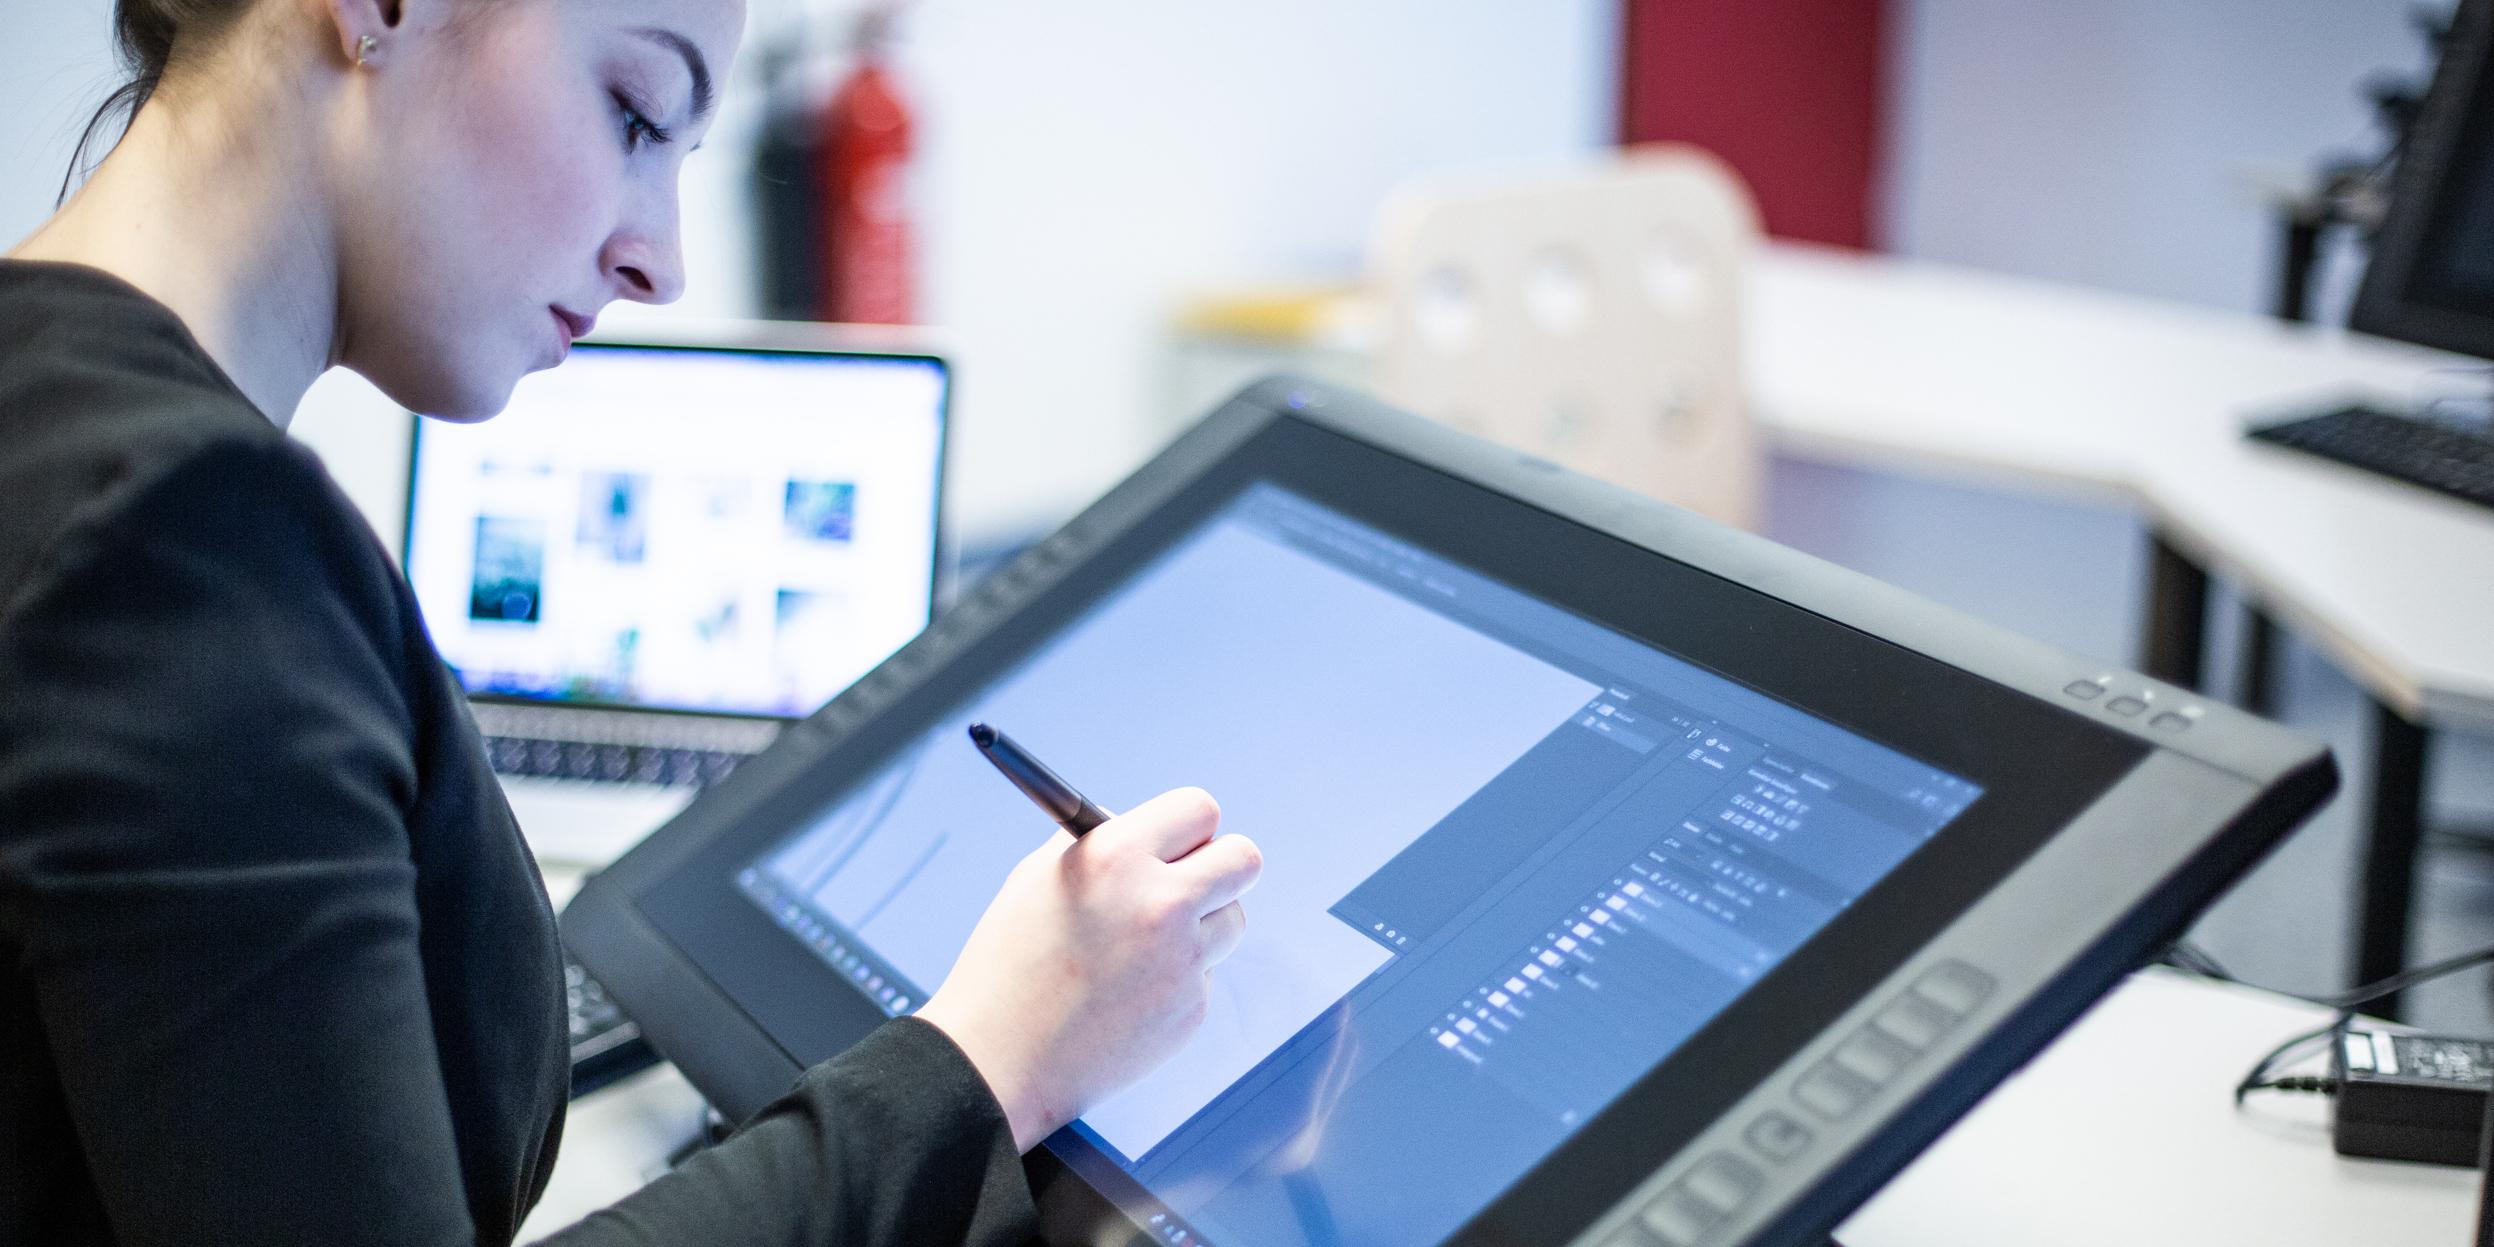 Anna Petritsch zeichnet mit der Hand einen Design-Entwurf auf einen Computerbildschirm.